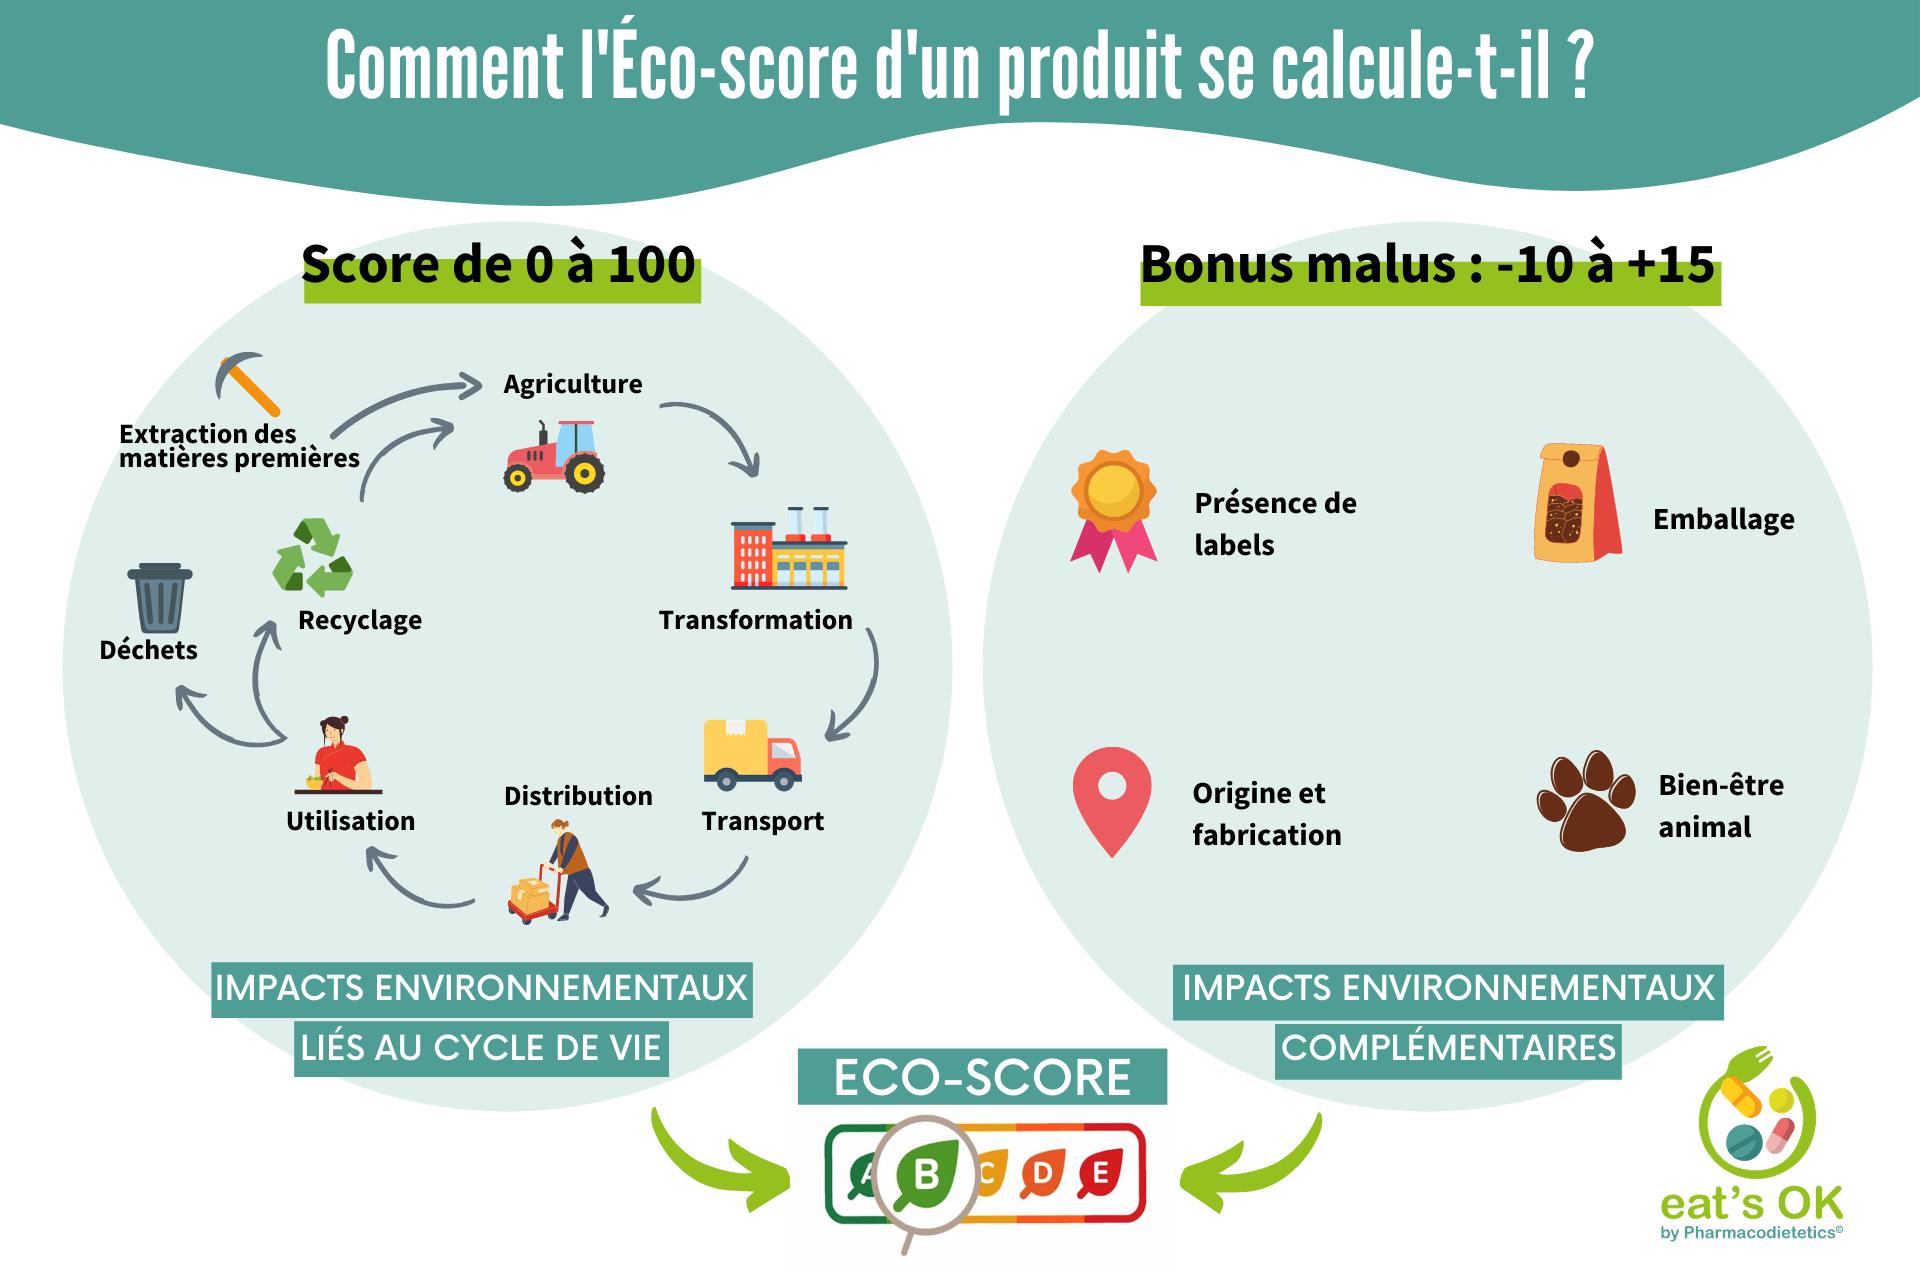 Impacts environnementaux pris en compte par l'Éco-score.